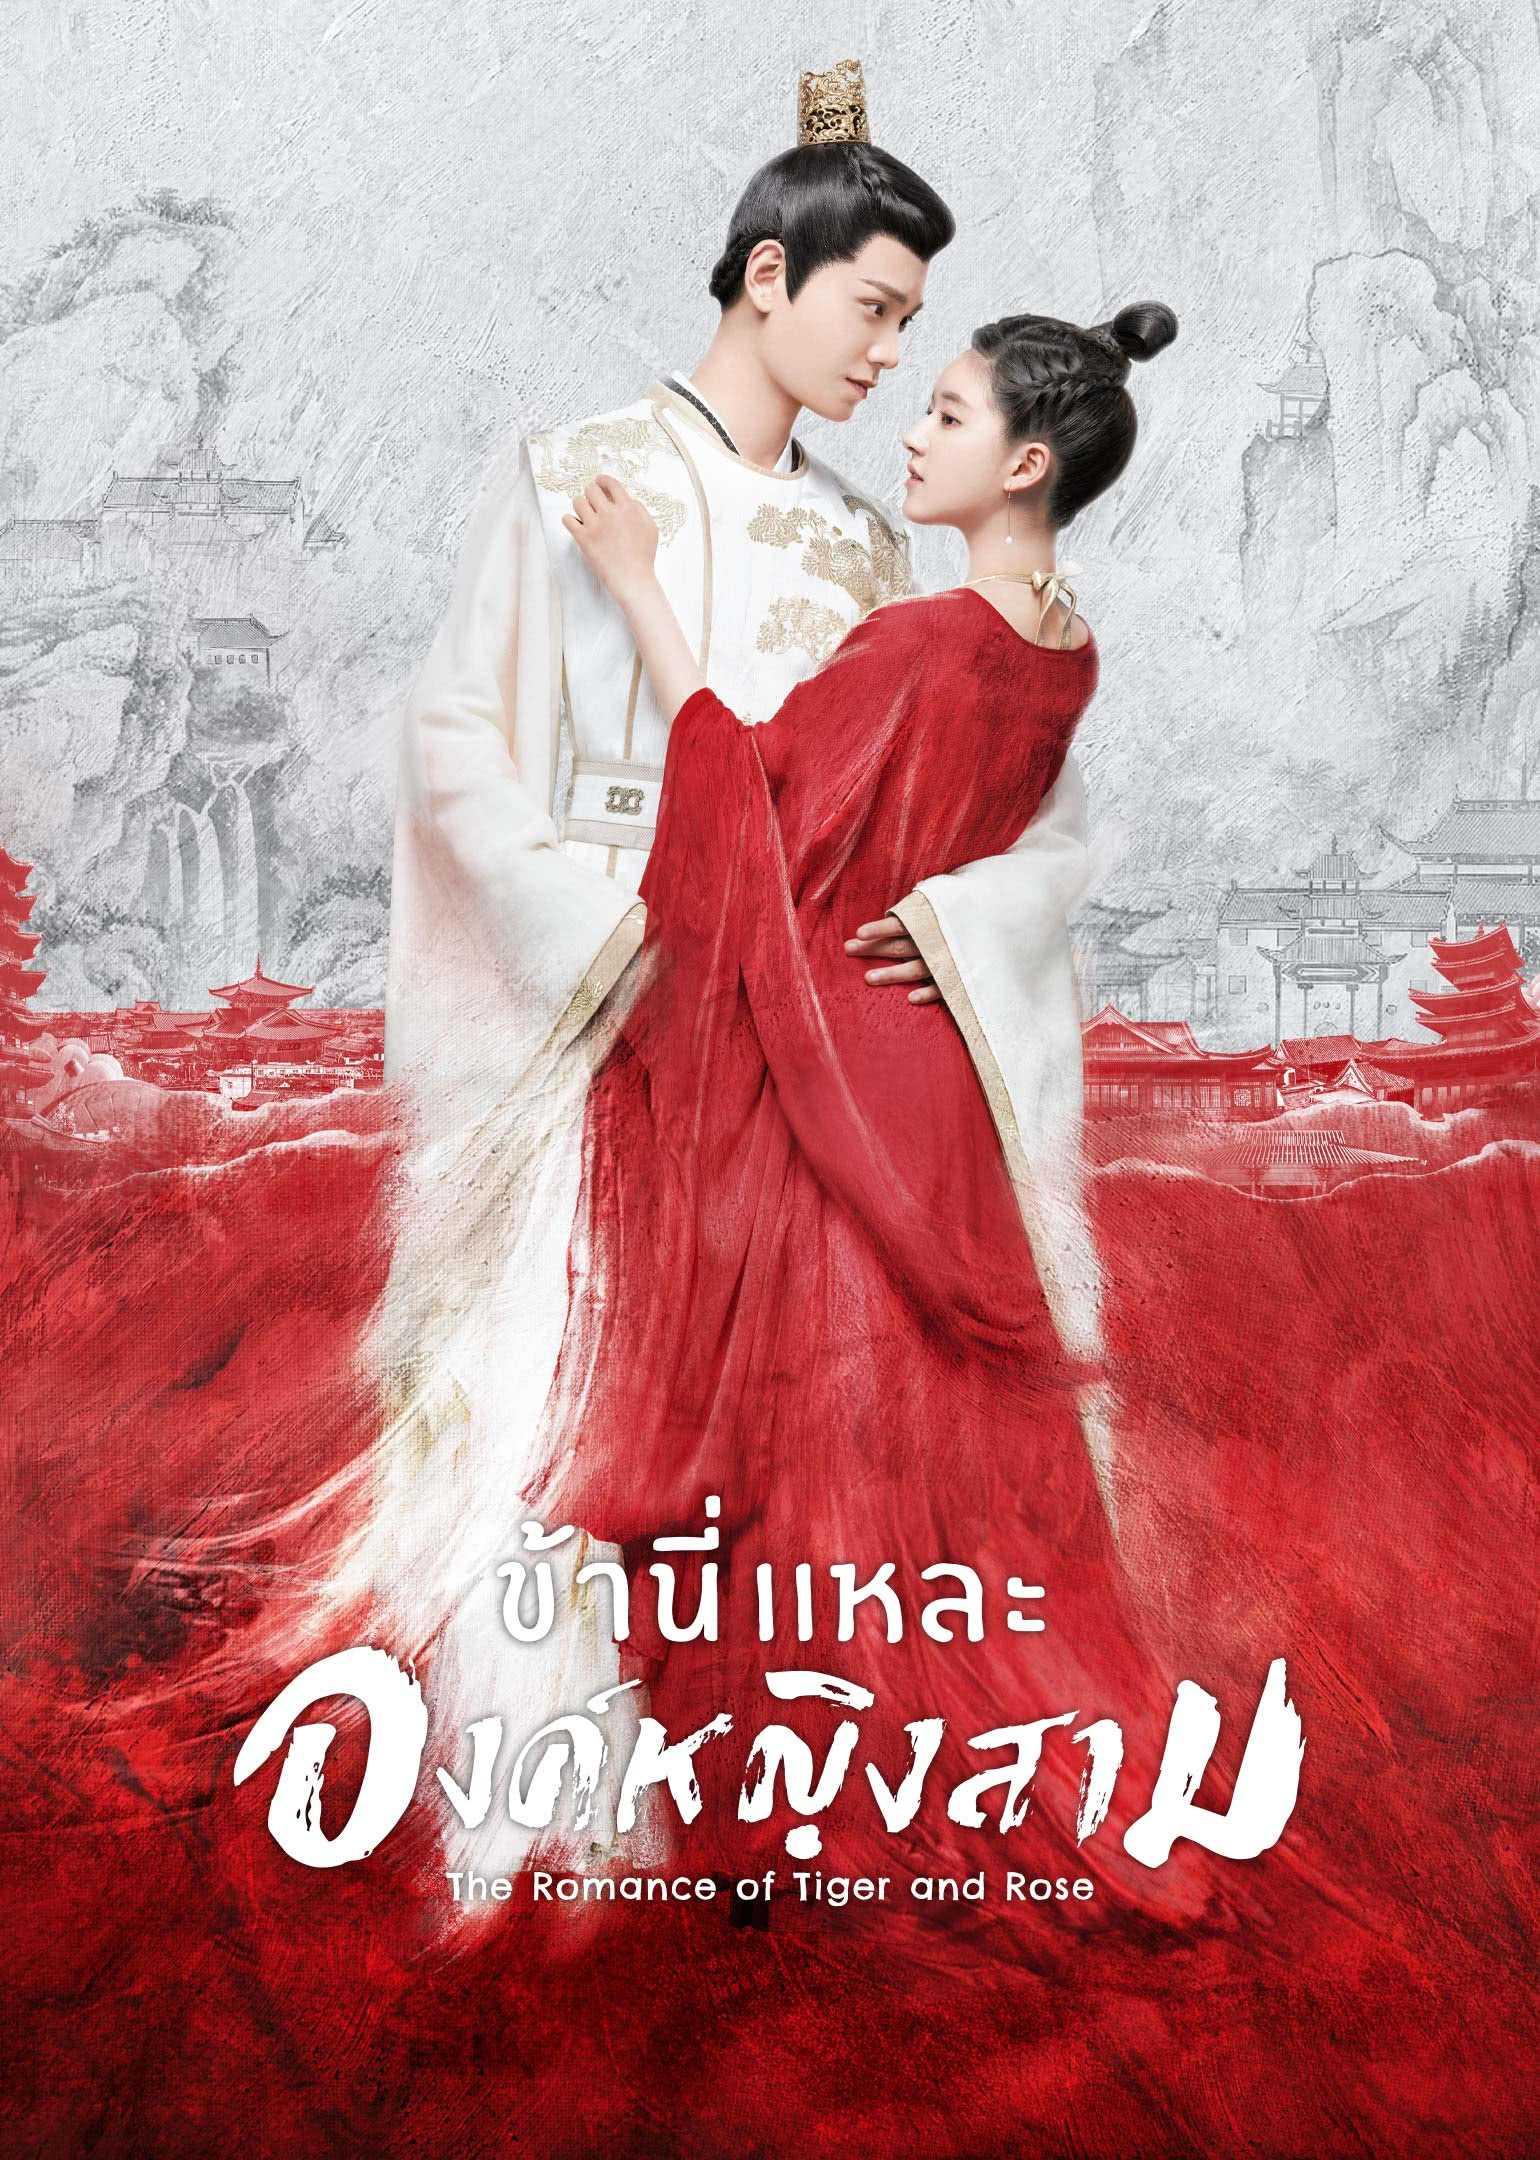 ข้านี่เเหละองค์หญิงสาม-the-romance-of-tiger-and-rose-ซับไทย-ตอนที่-1-18-ยังไม่จบ-